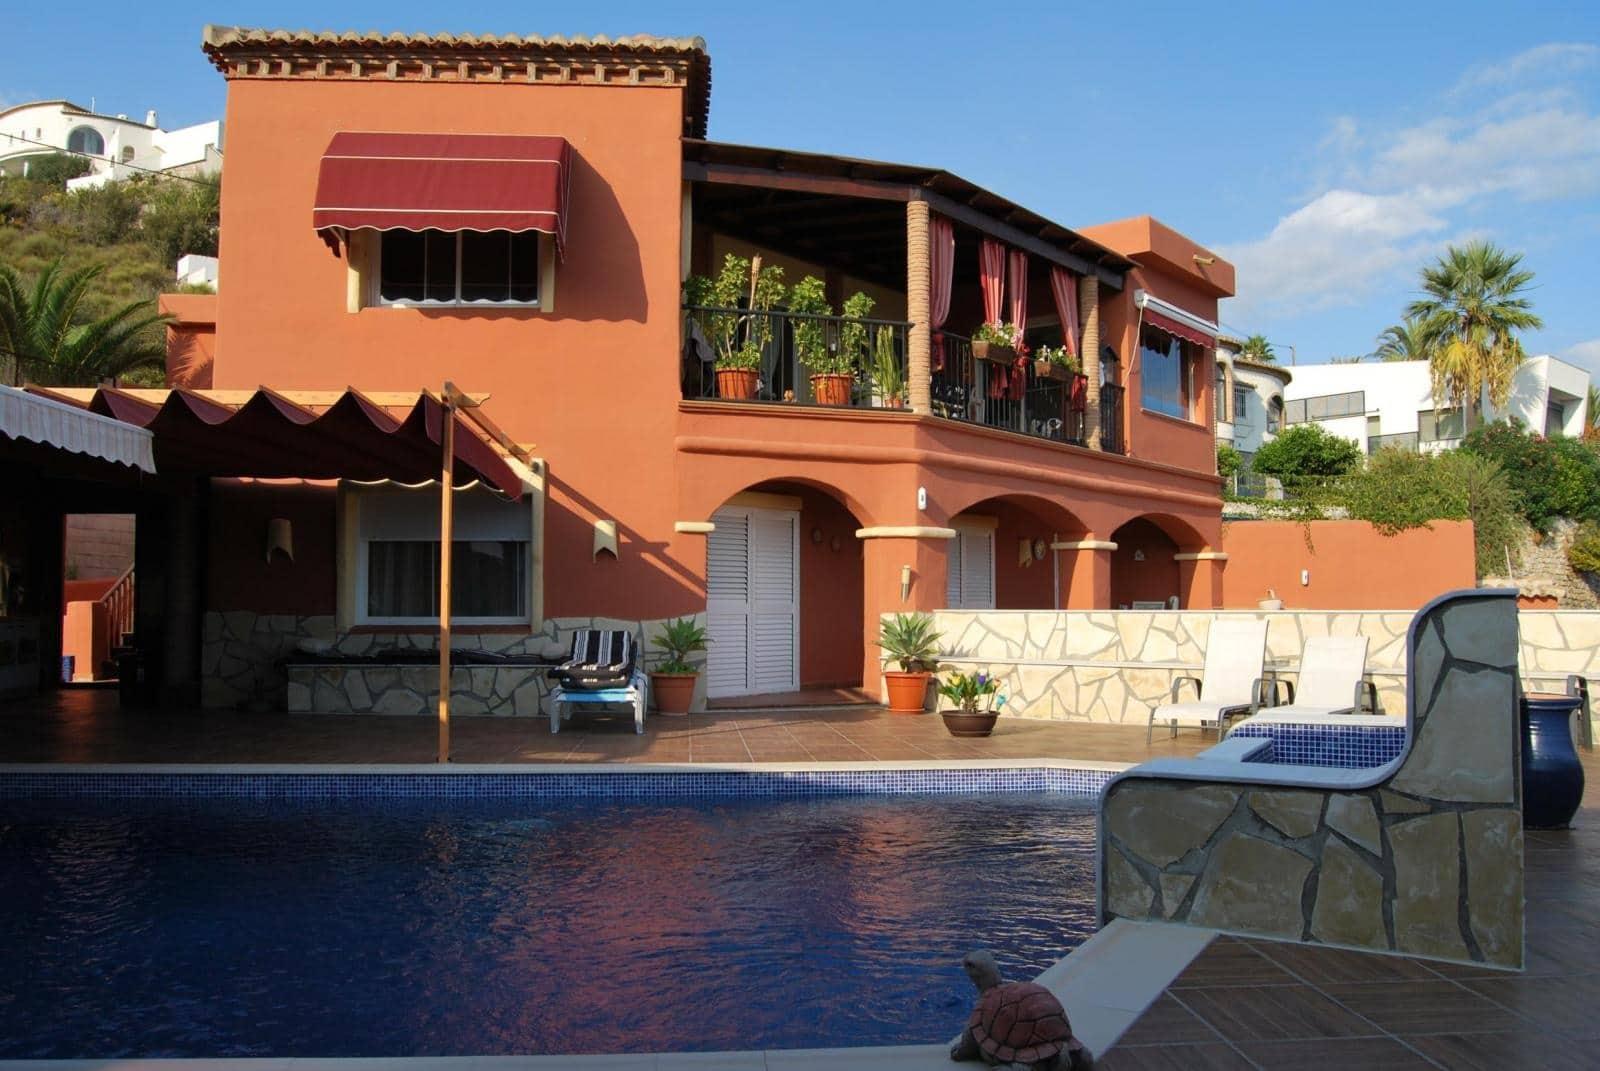 4 bedroom Villa for sale in Salobrena with pool - € 785,000 (Ref: 3966240)